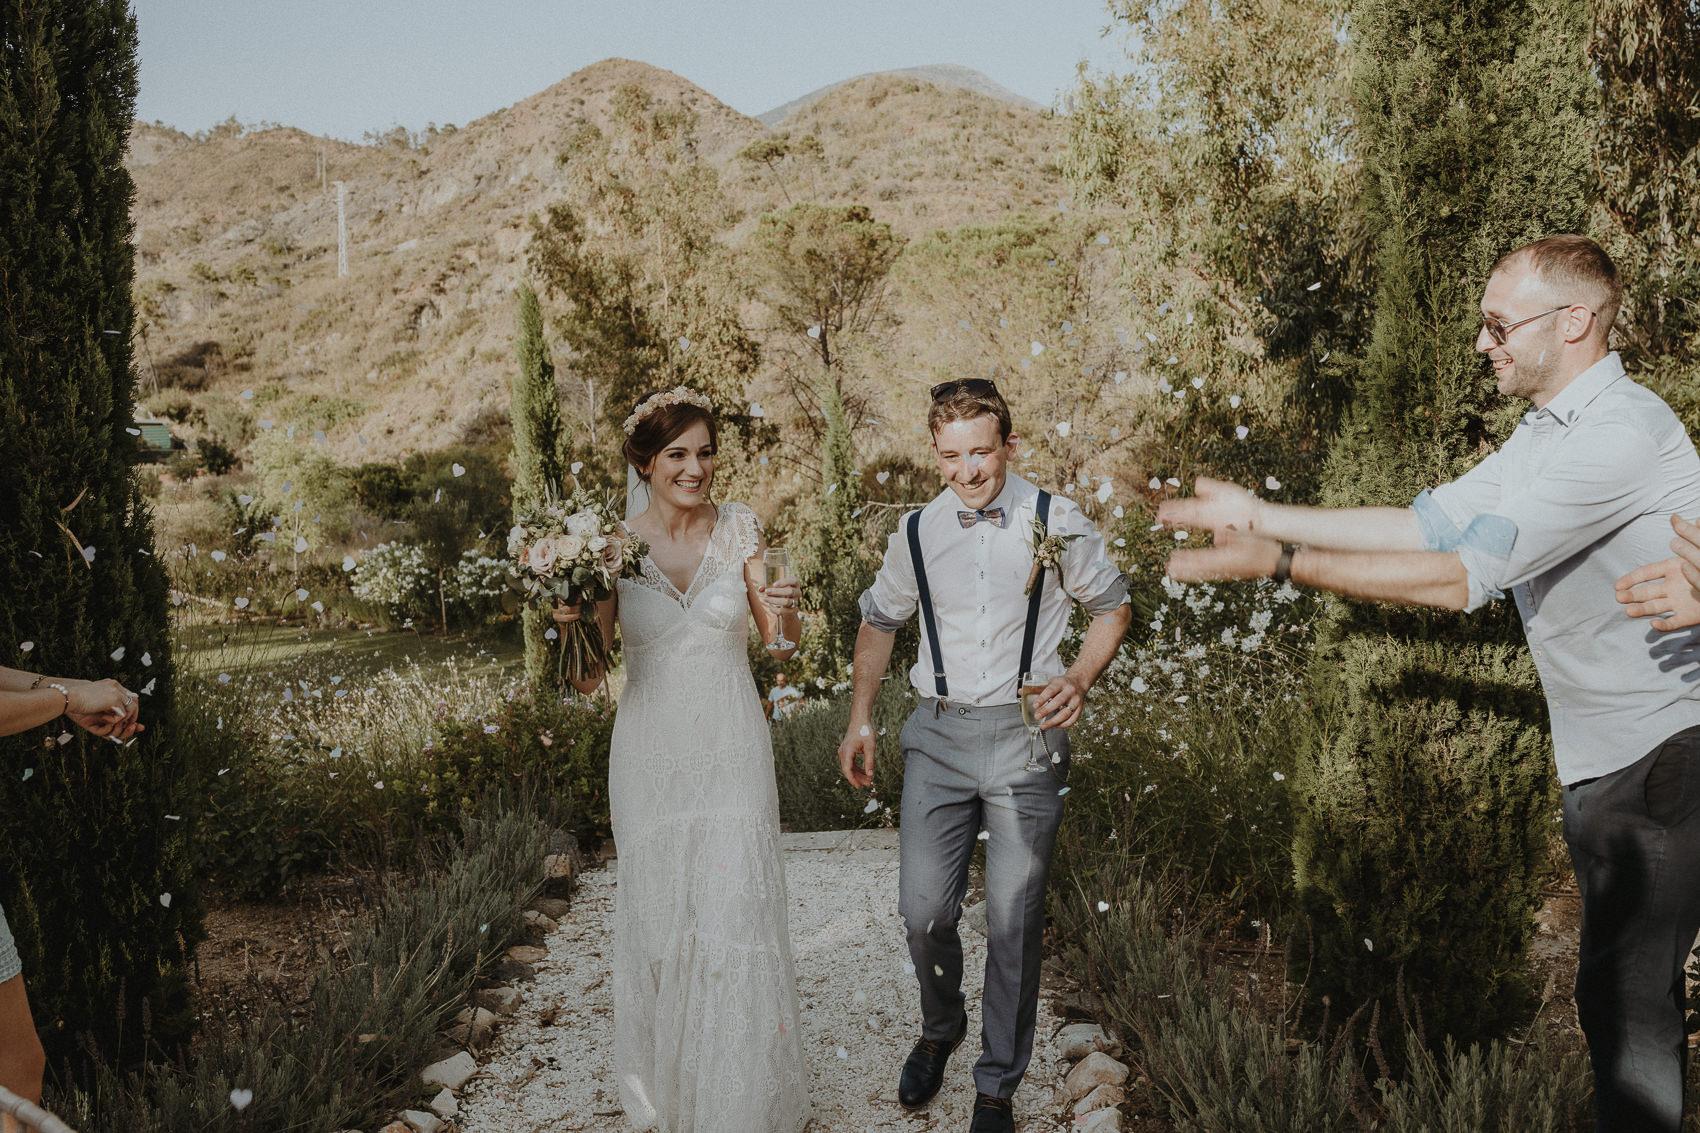 Sarah & Bill | Summer wedding at Cortijo Rosa Blanca | Marbella - Spain 121